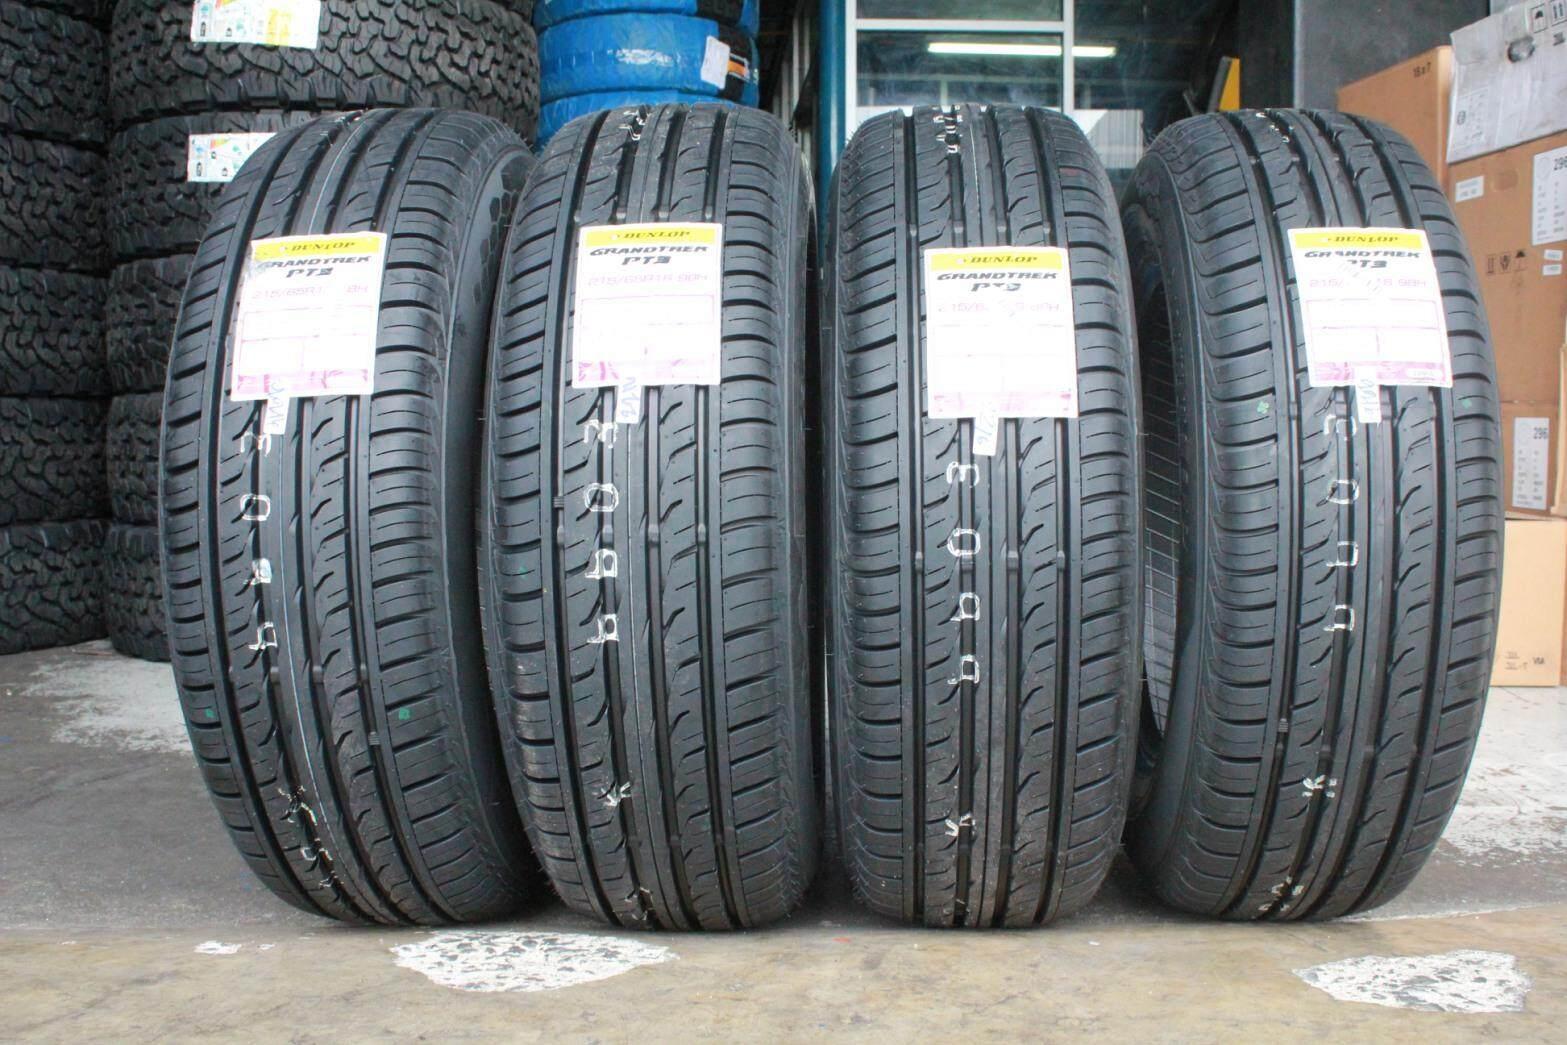 ประกันภัย รถยนต์ ชั้น 3 ราคา ถูก ปราจีนบุรี ยางรถยนต์ DUNLOP 255/55 R18 GRANDTREK PT3 x 4เส้น